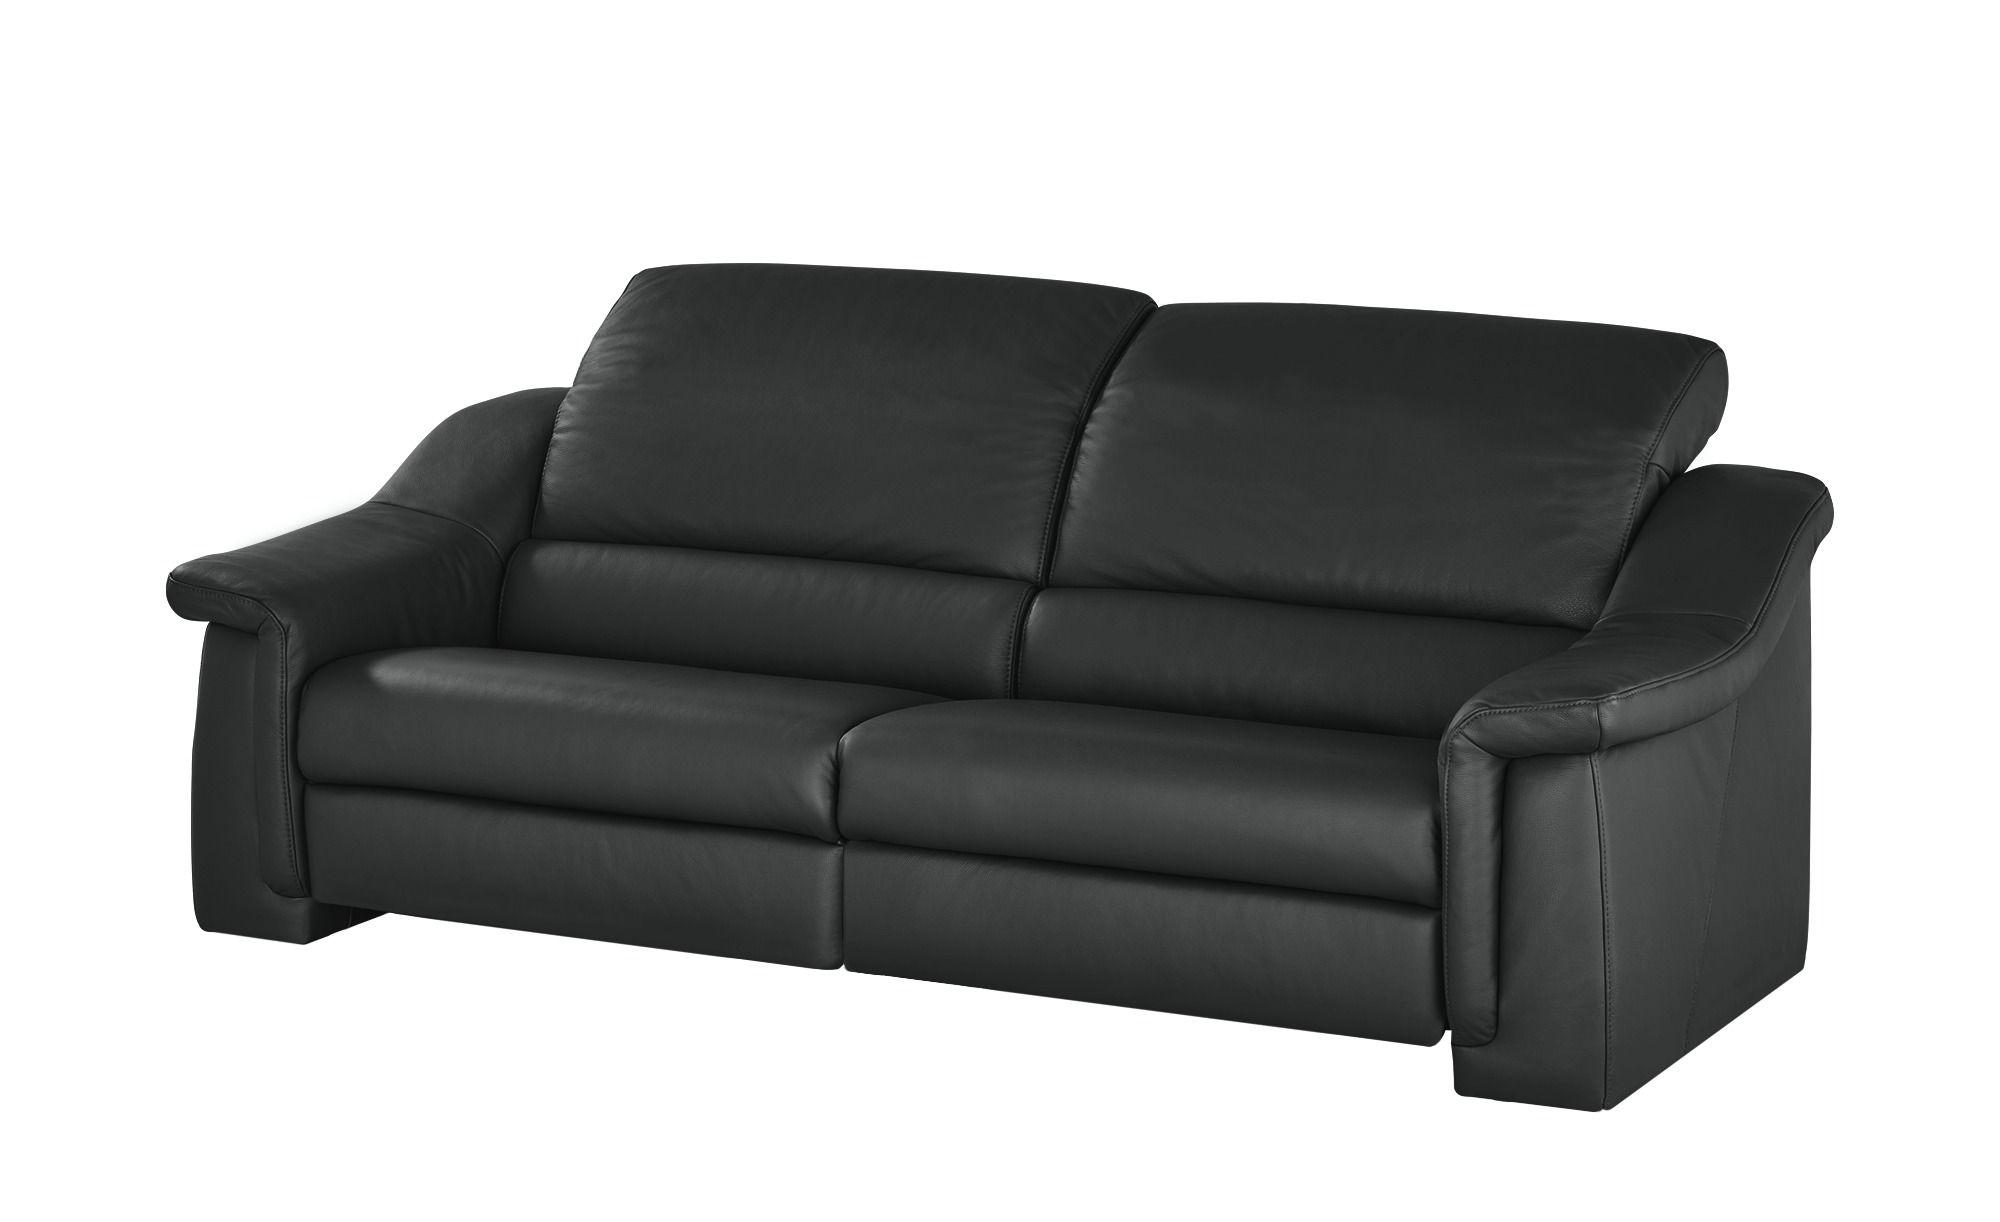 Himolla Einzelsofa Leder 1501 In 2020 Einzelsofas Sofa Und Sofas